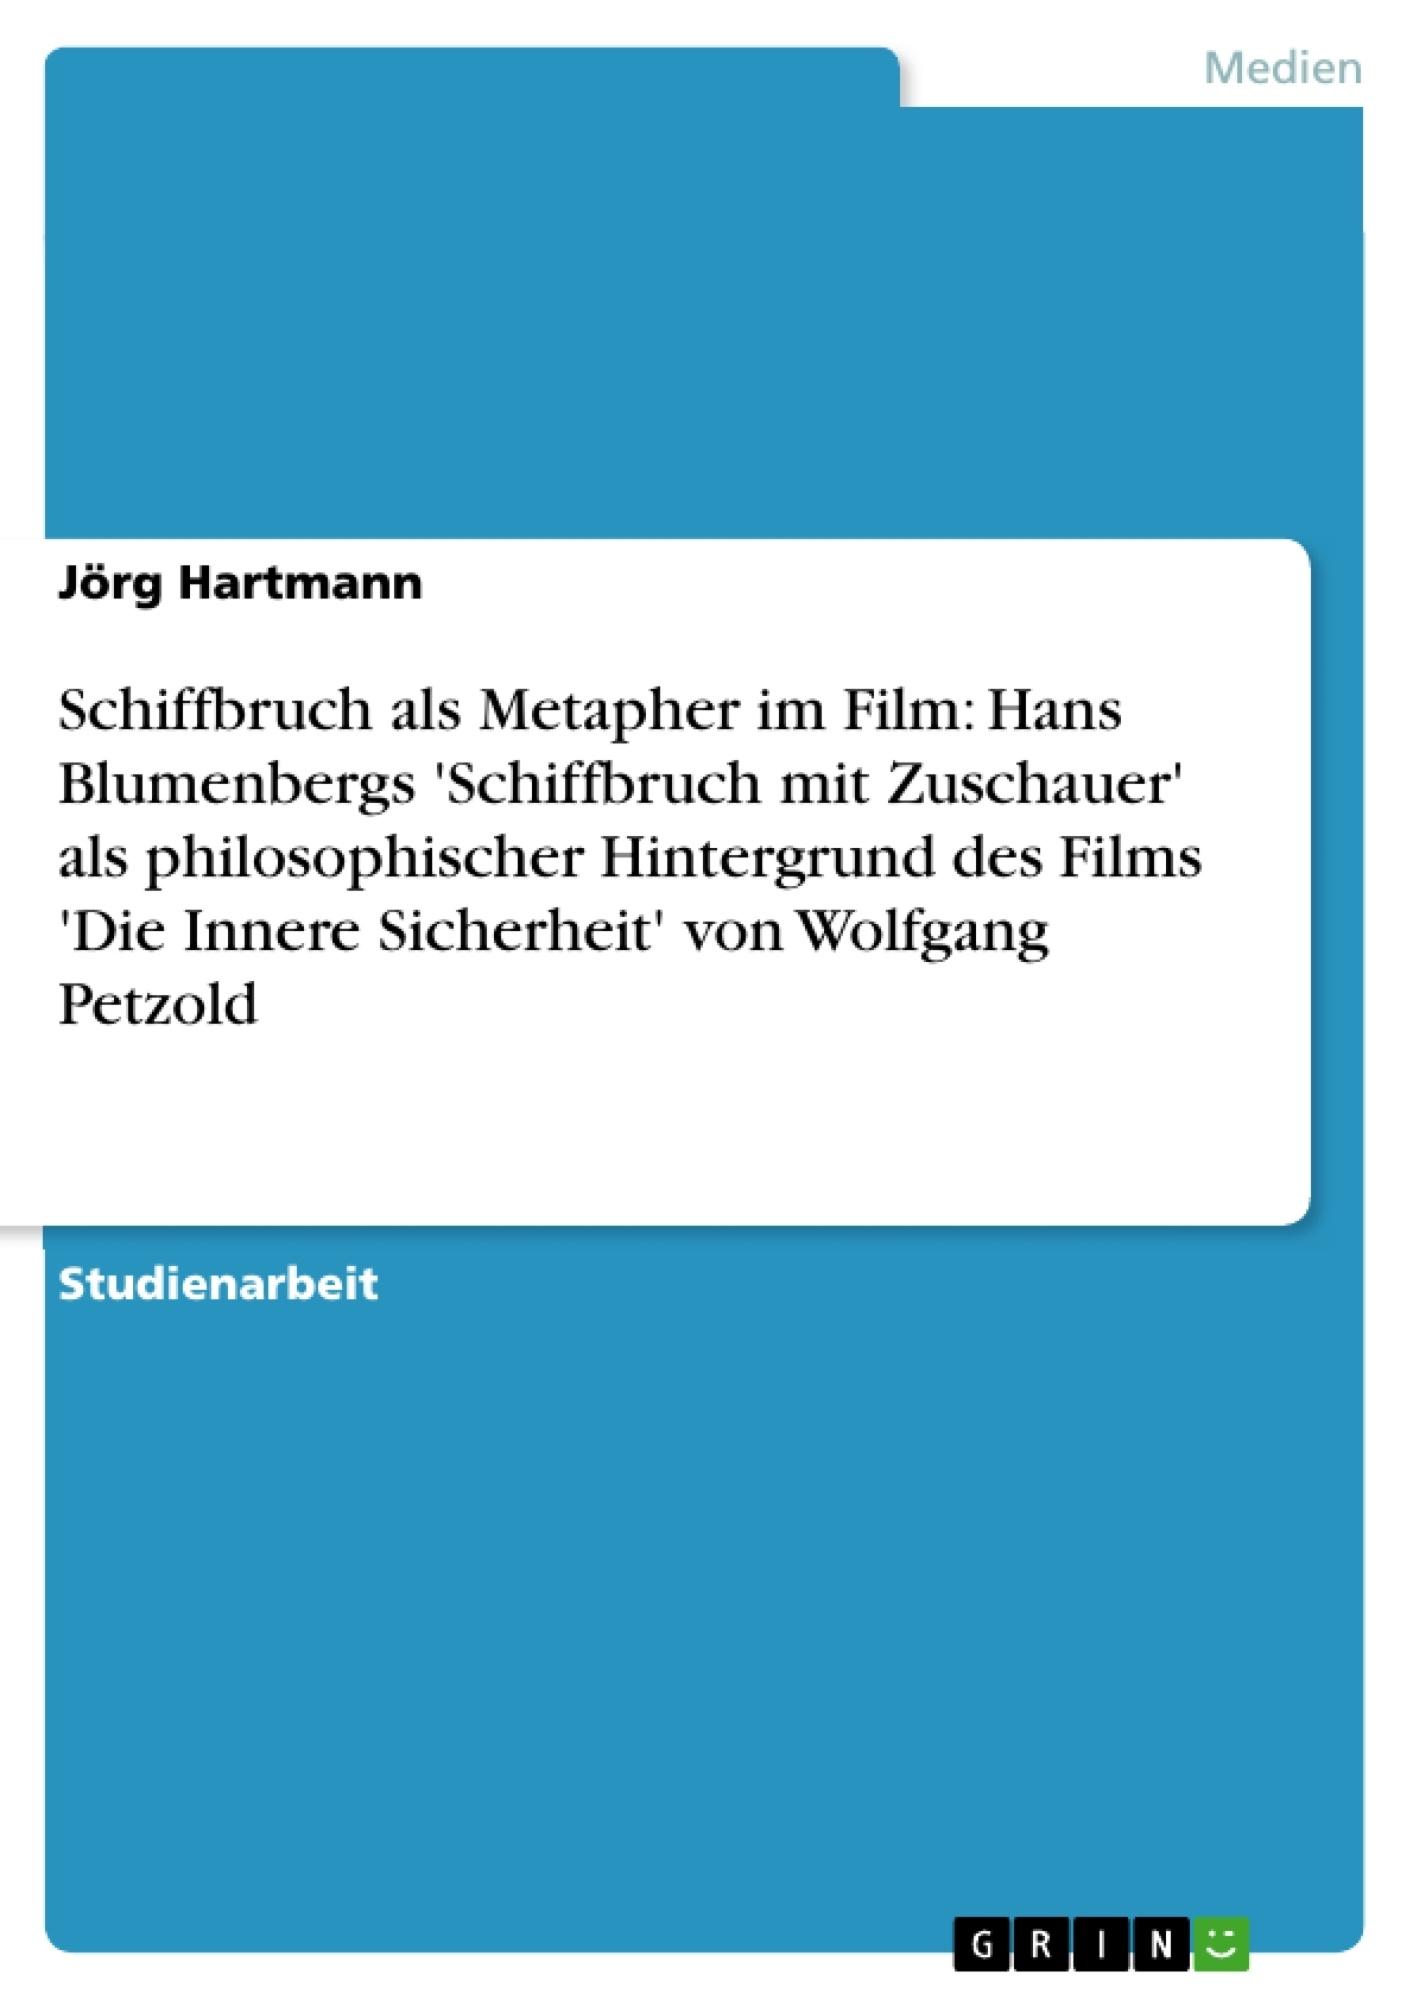 Titel: Schiffbruch als Metapher im Film: Hans Blumenbergs 'Schiffbruch mit Zuschauer' als philosophischer Hintergrund des Films 'Die Innere Sicherheit' von Wolfgang Petzold